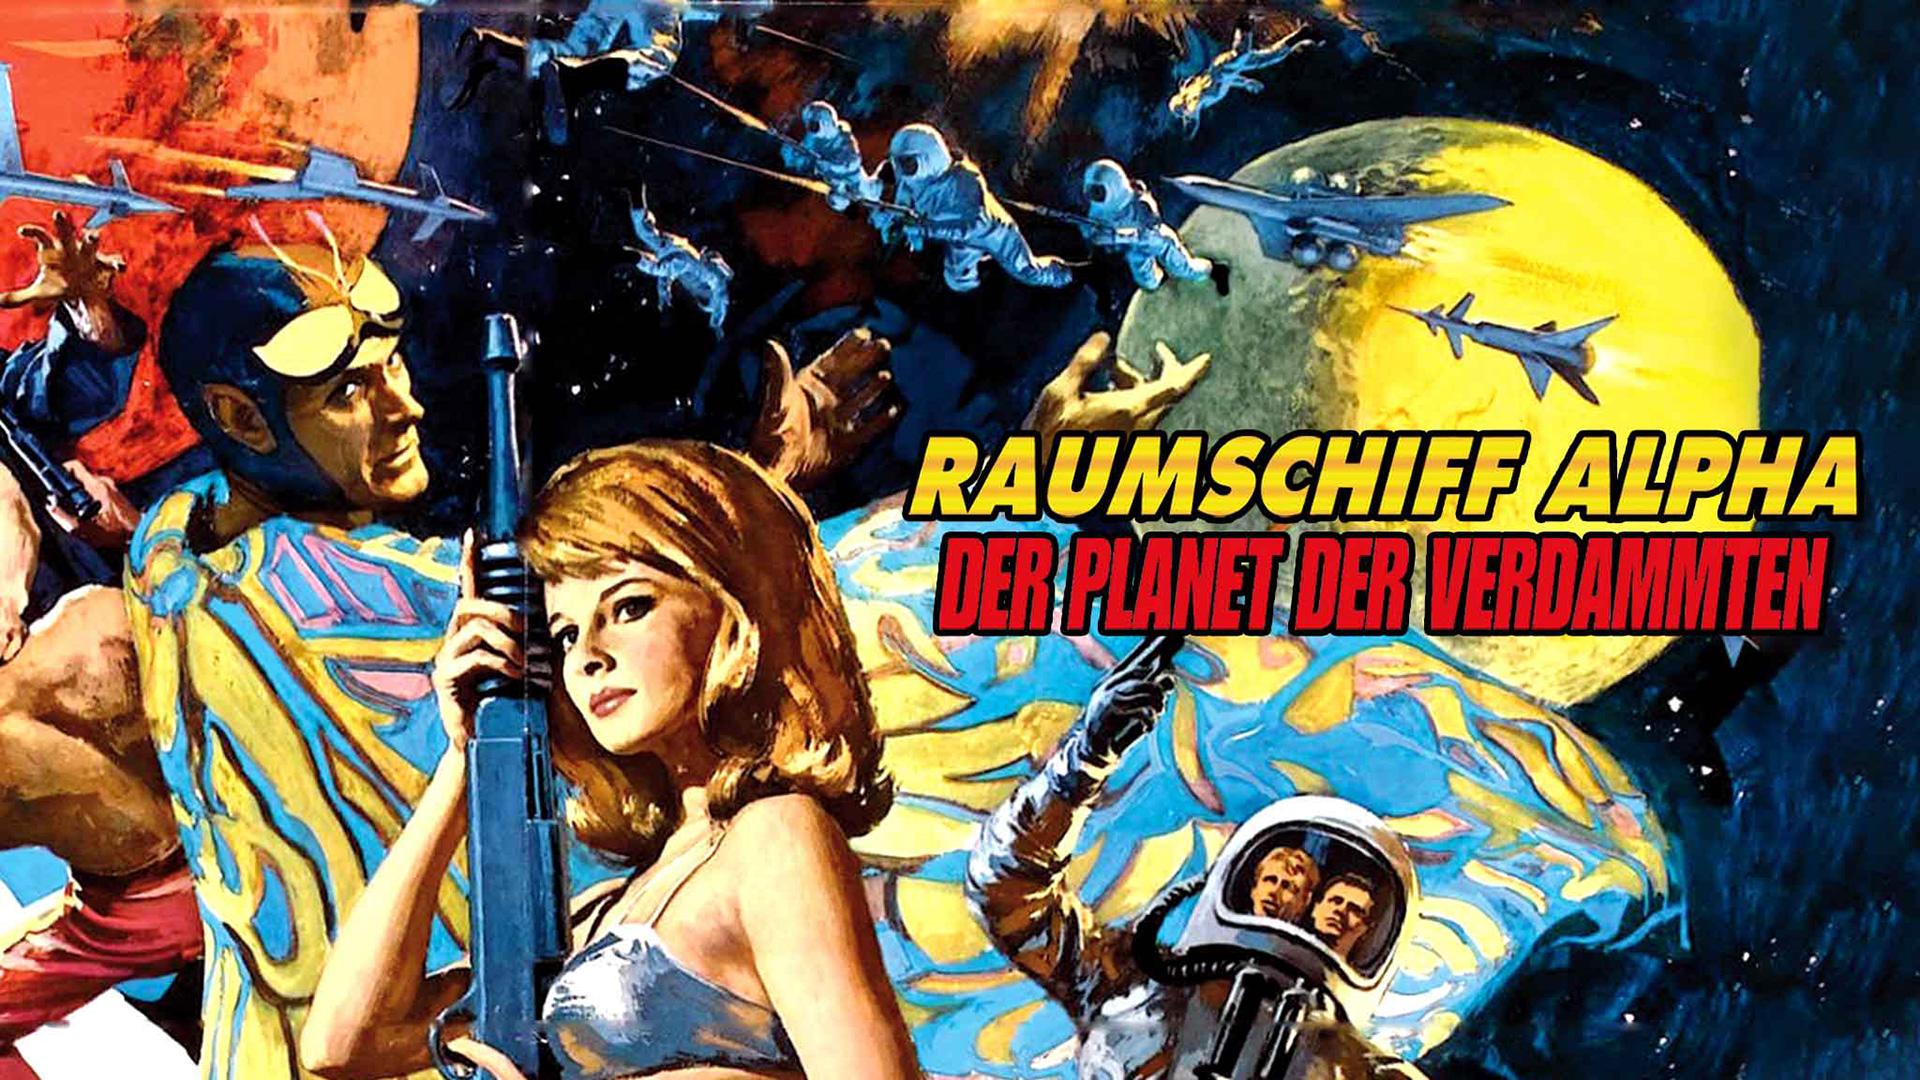 Planet der Verdammten - Raumschiff Alpha